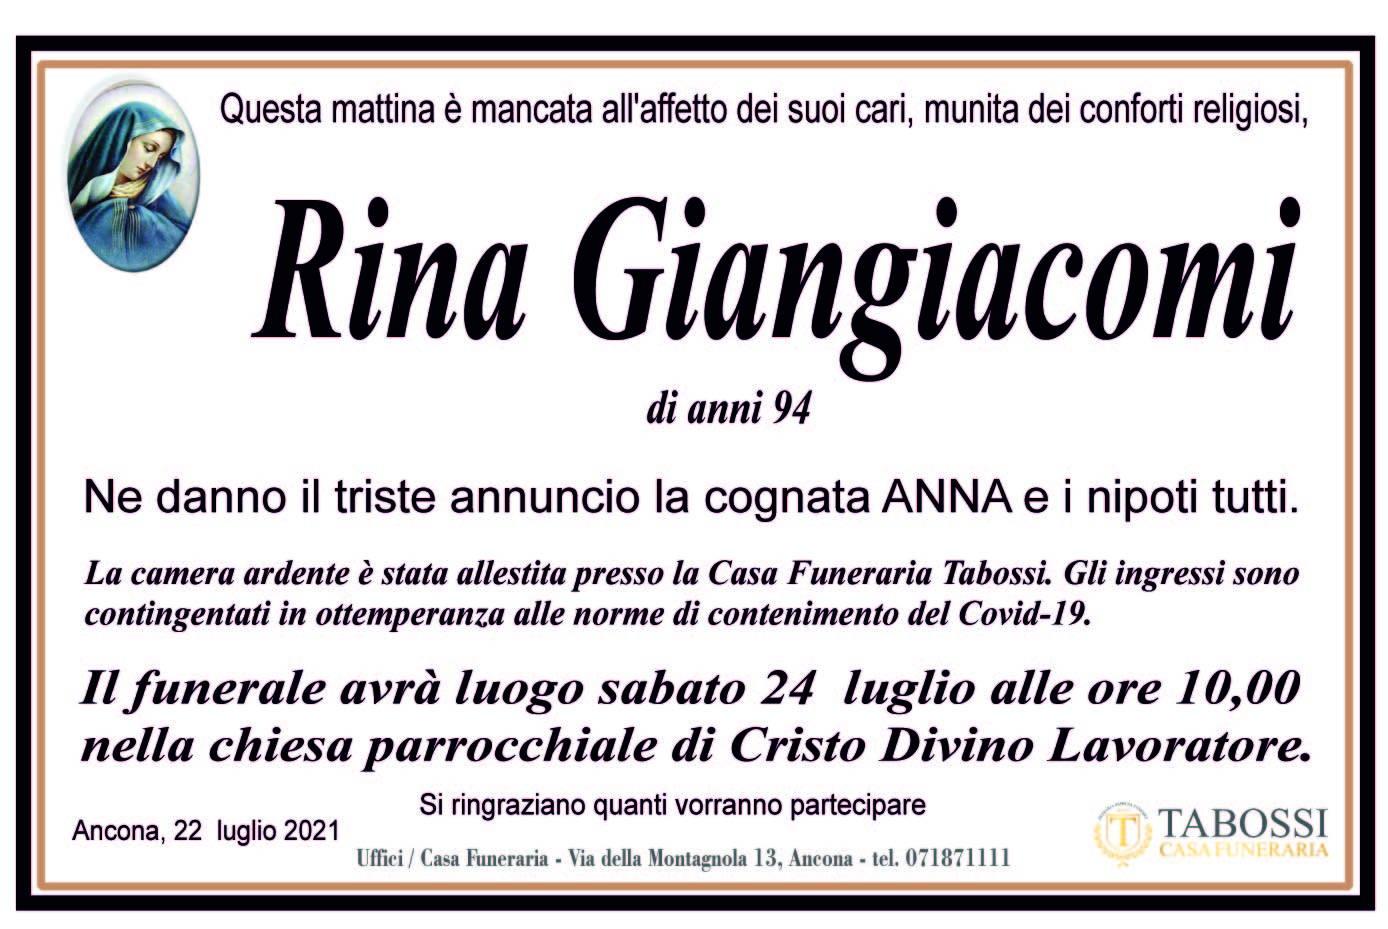 Rina Giangiacomi